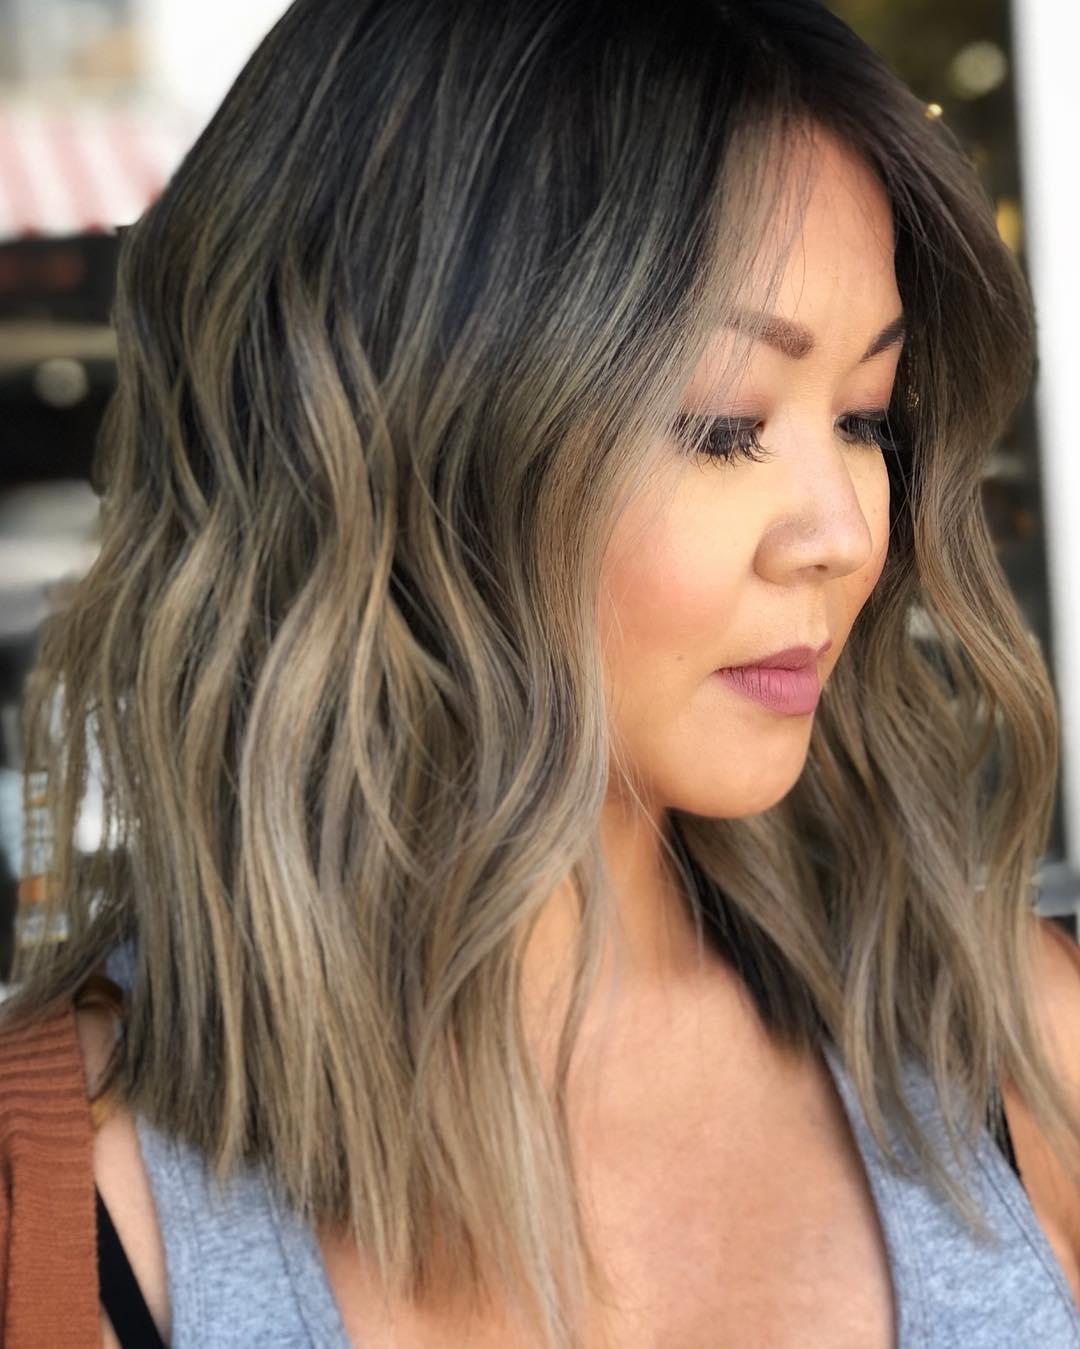 Стрижки после 40 лет на средние волосы для полного лица фото 3